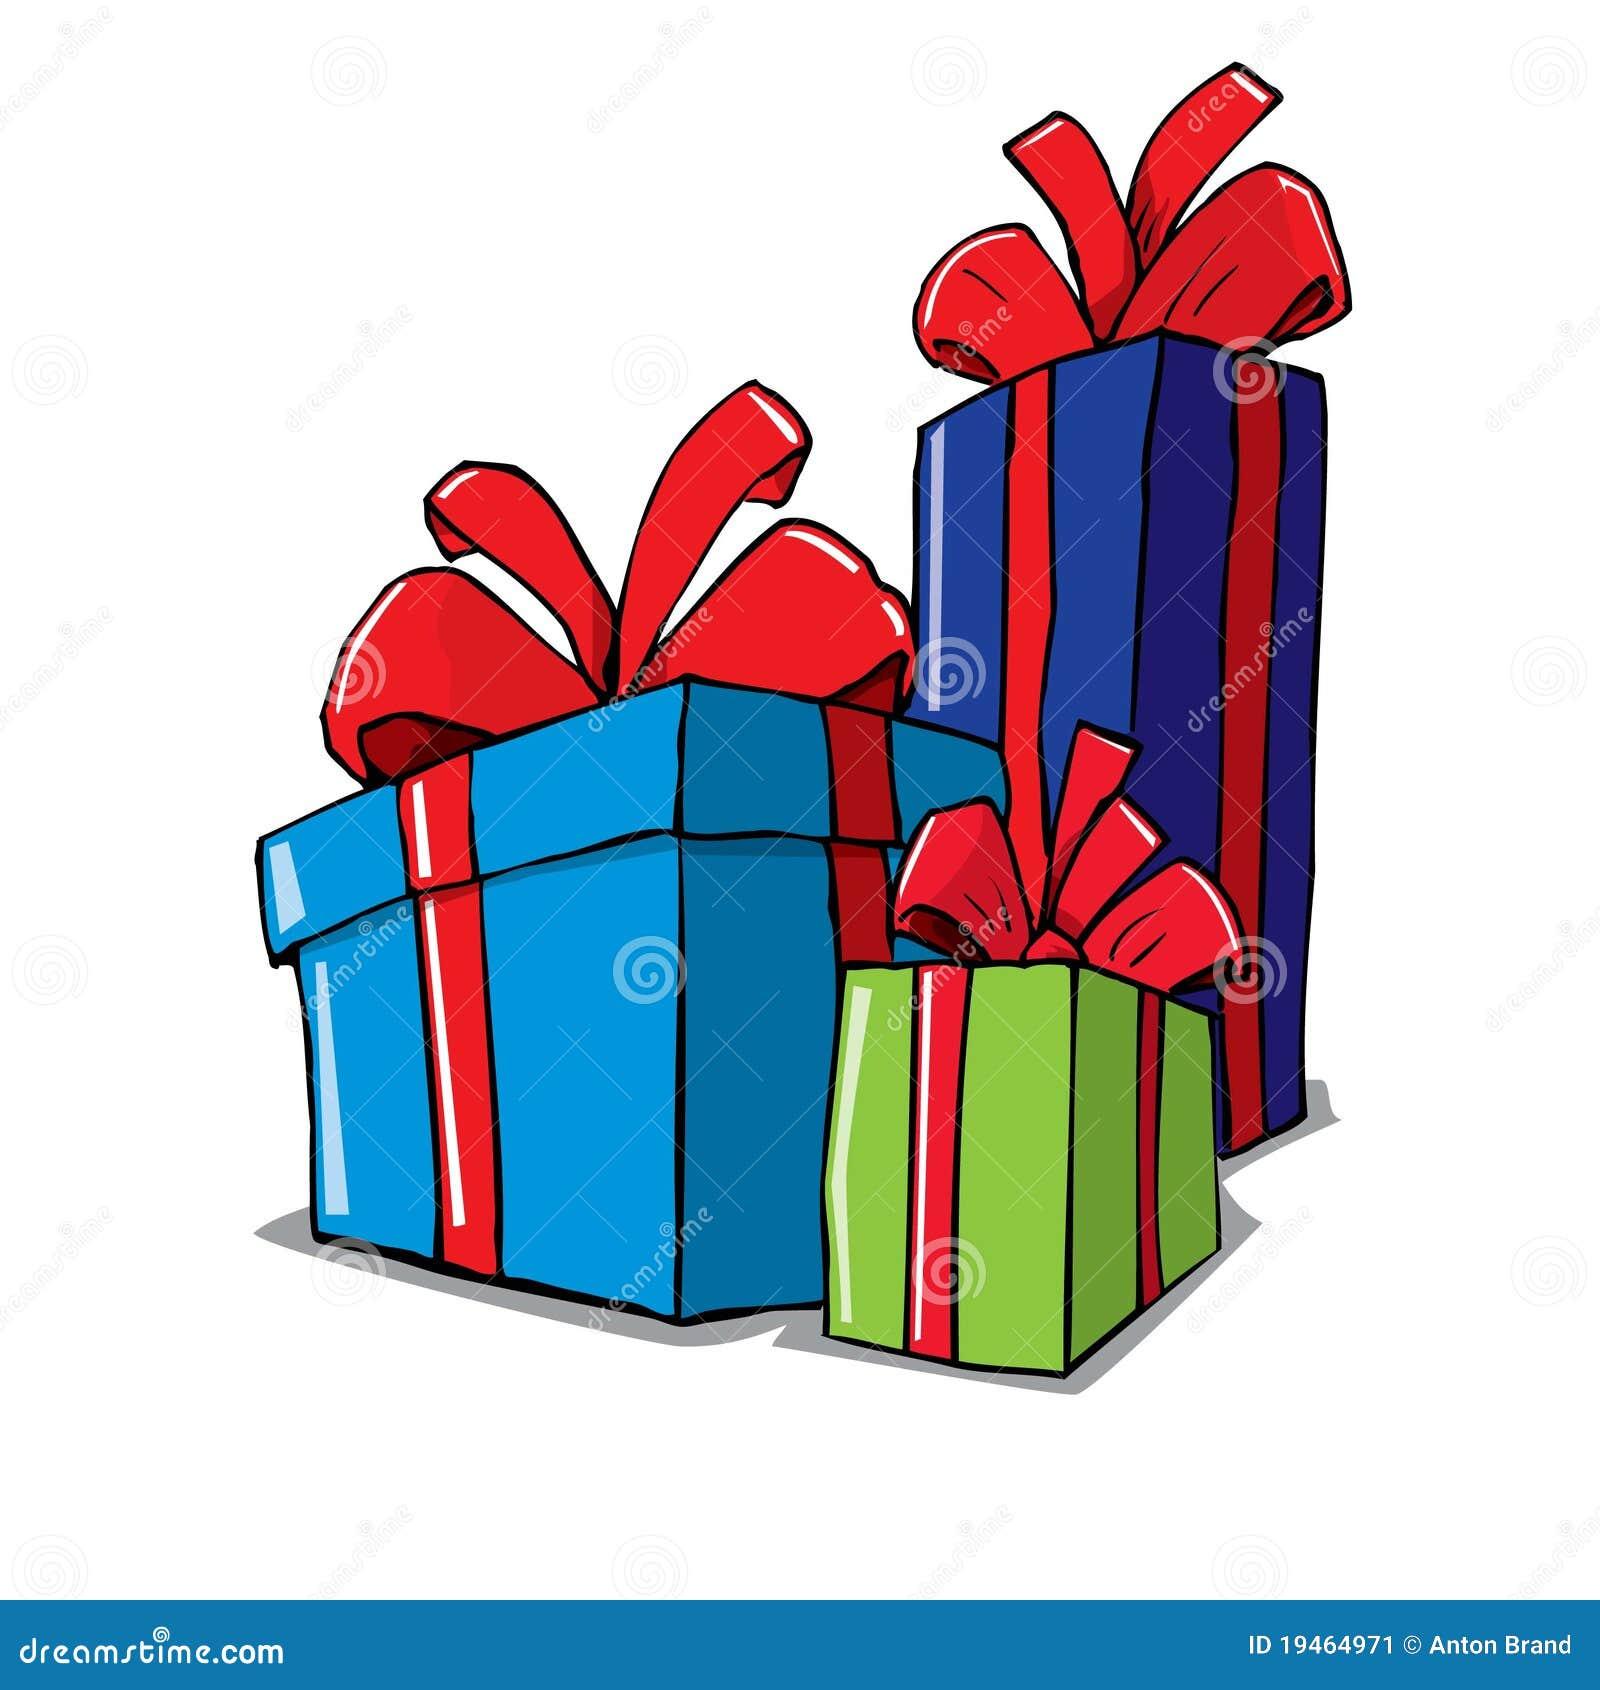 Dessin anim de groupe de cadeaux de no l image stock - Dessins cadeaux ...